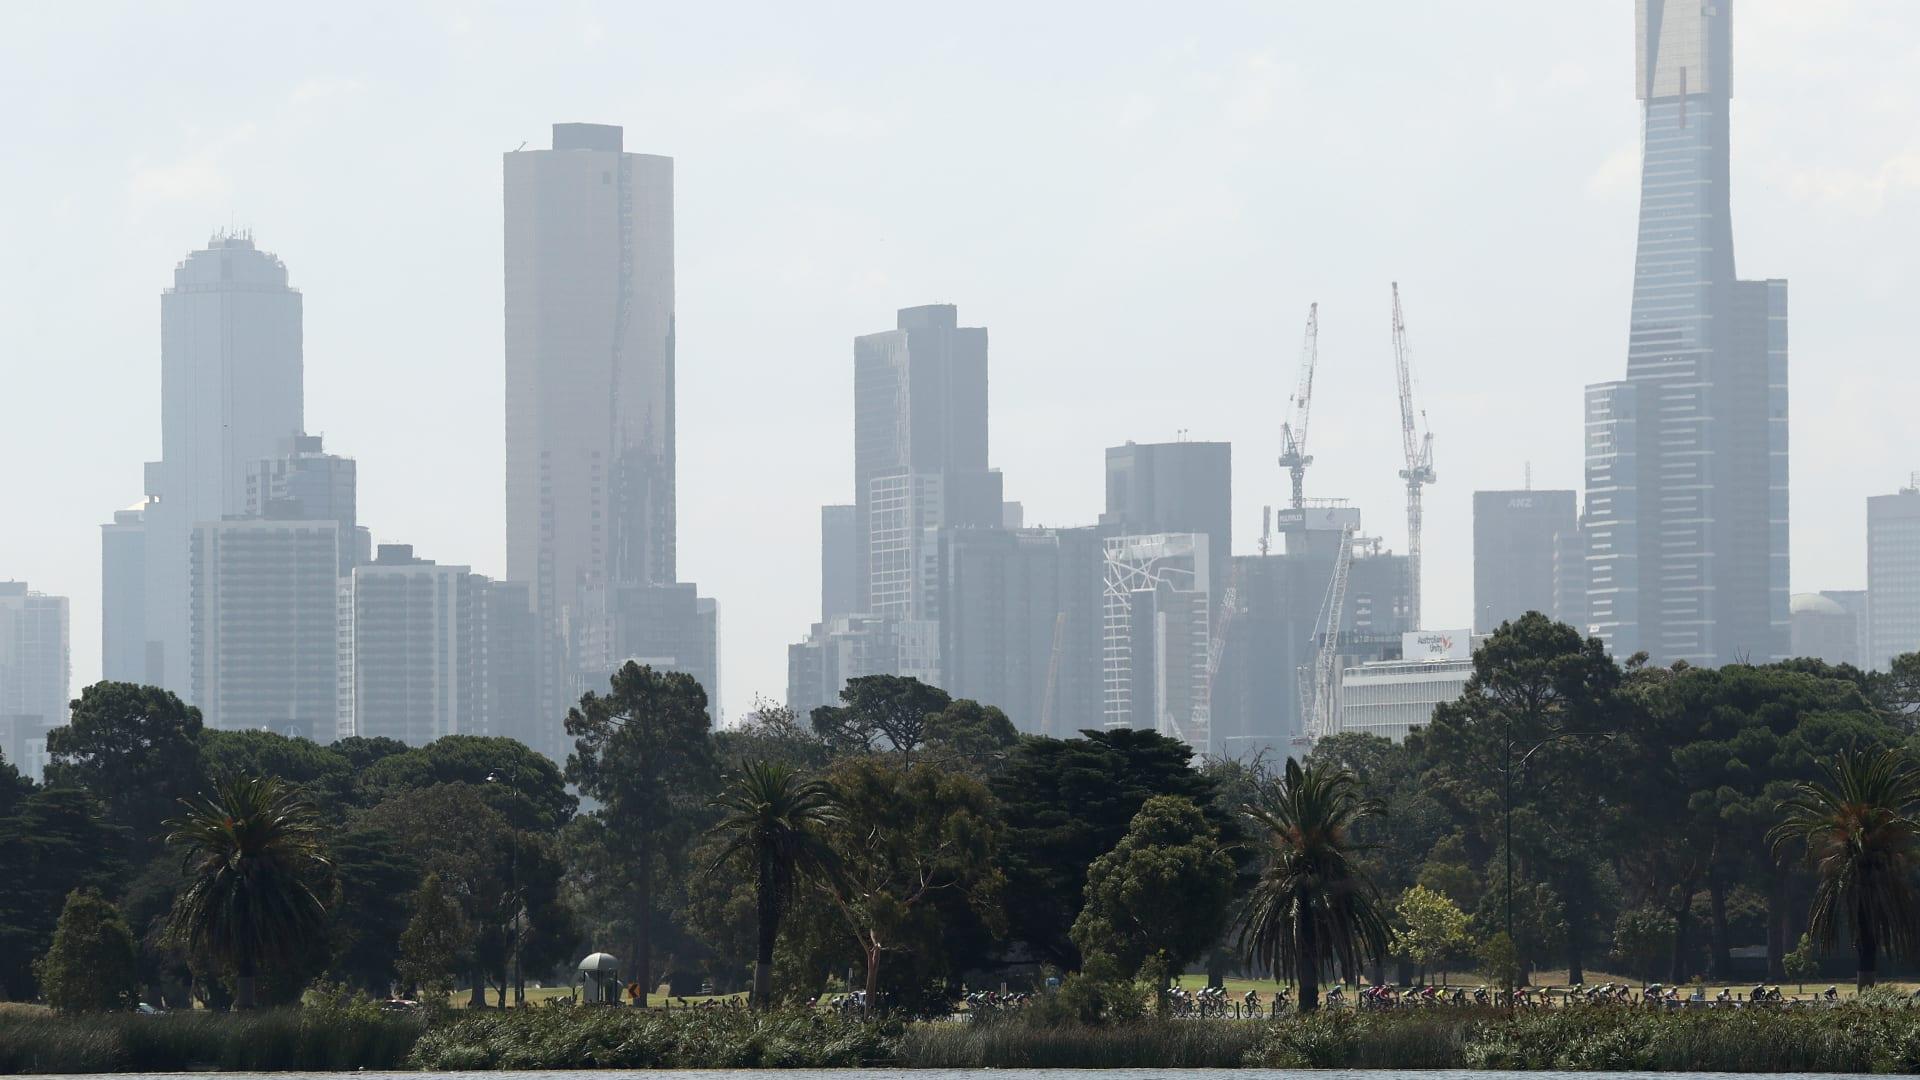 ملفات سرية بيعت بالصدفة تكشف أسرار الحكومة الأسترالية